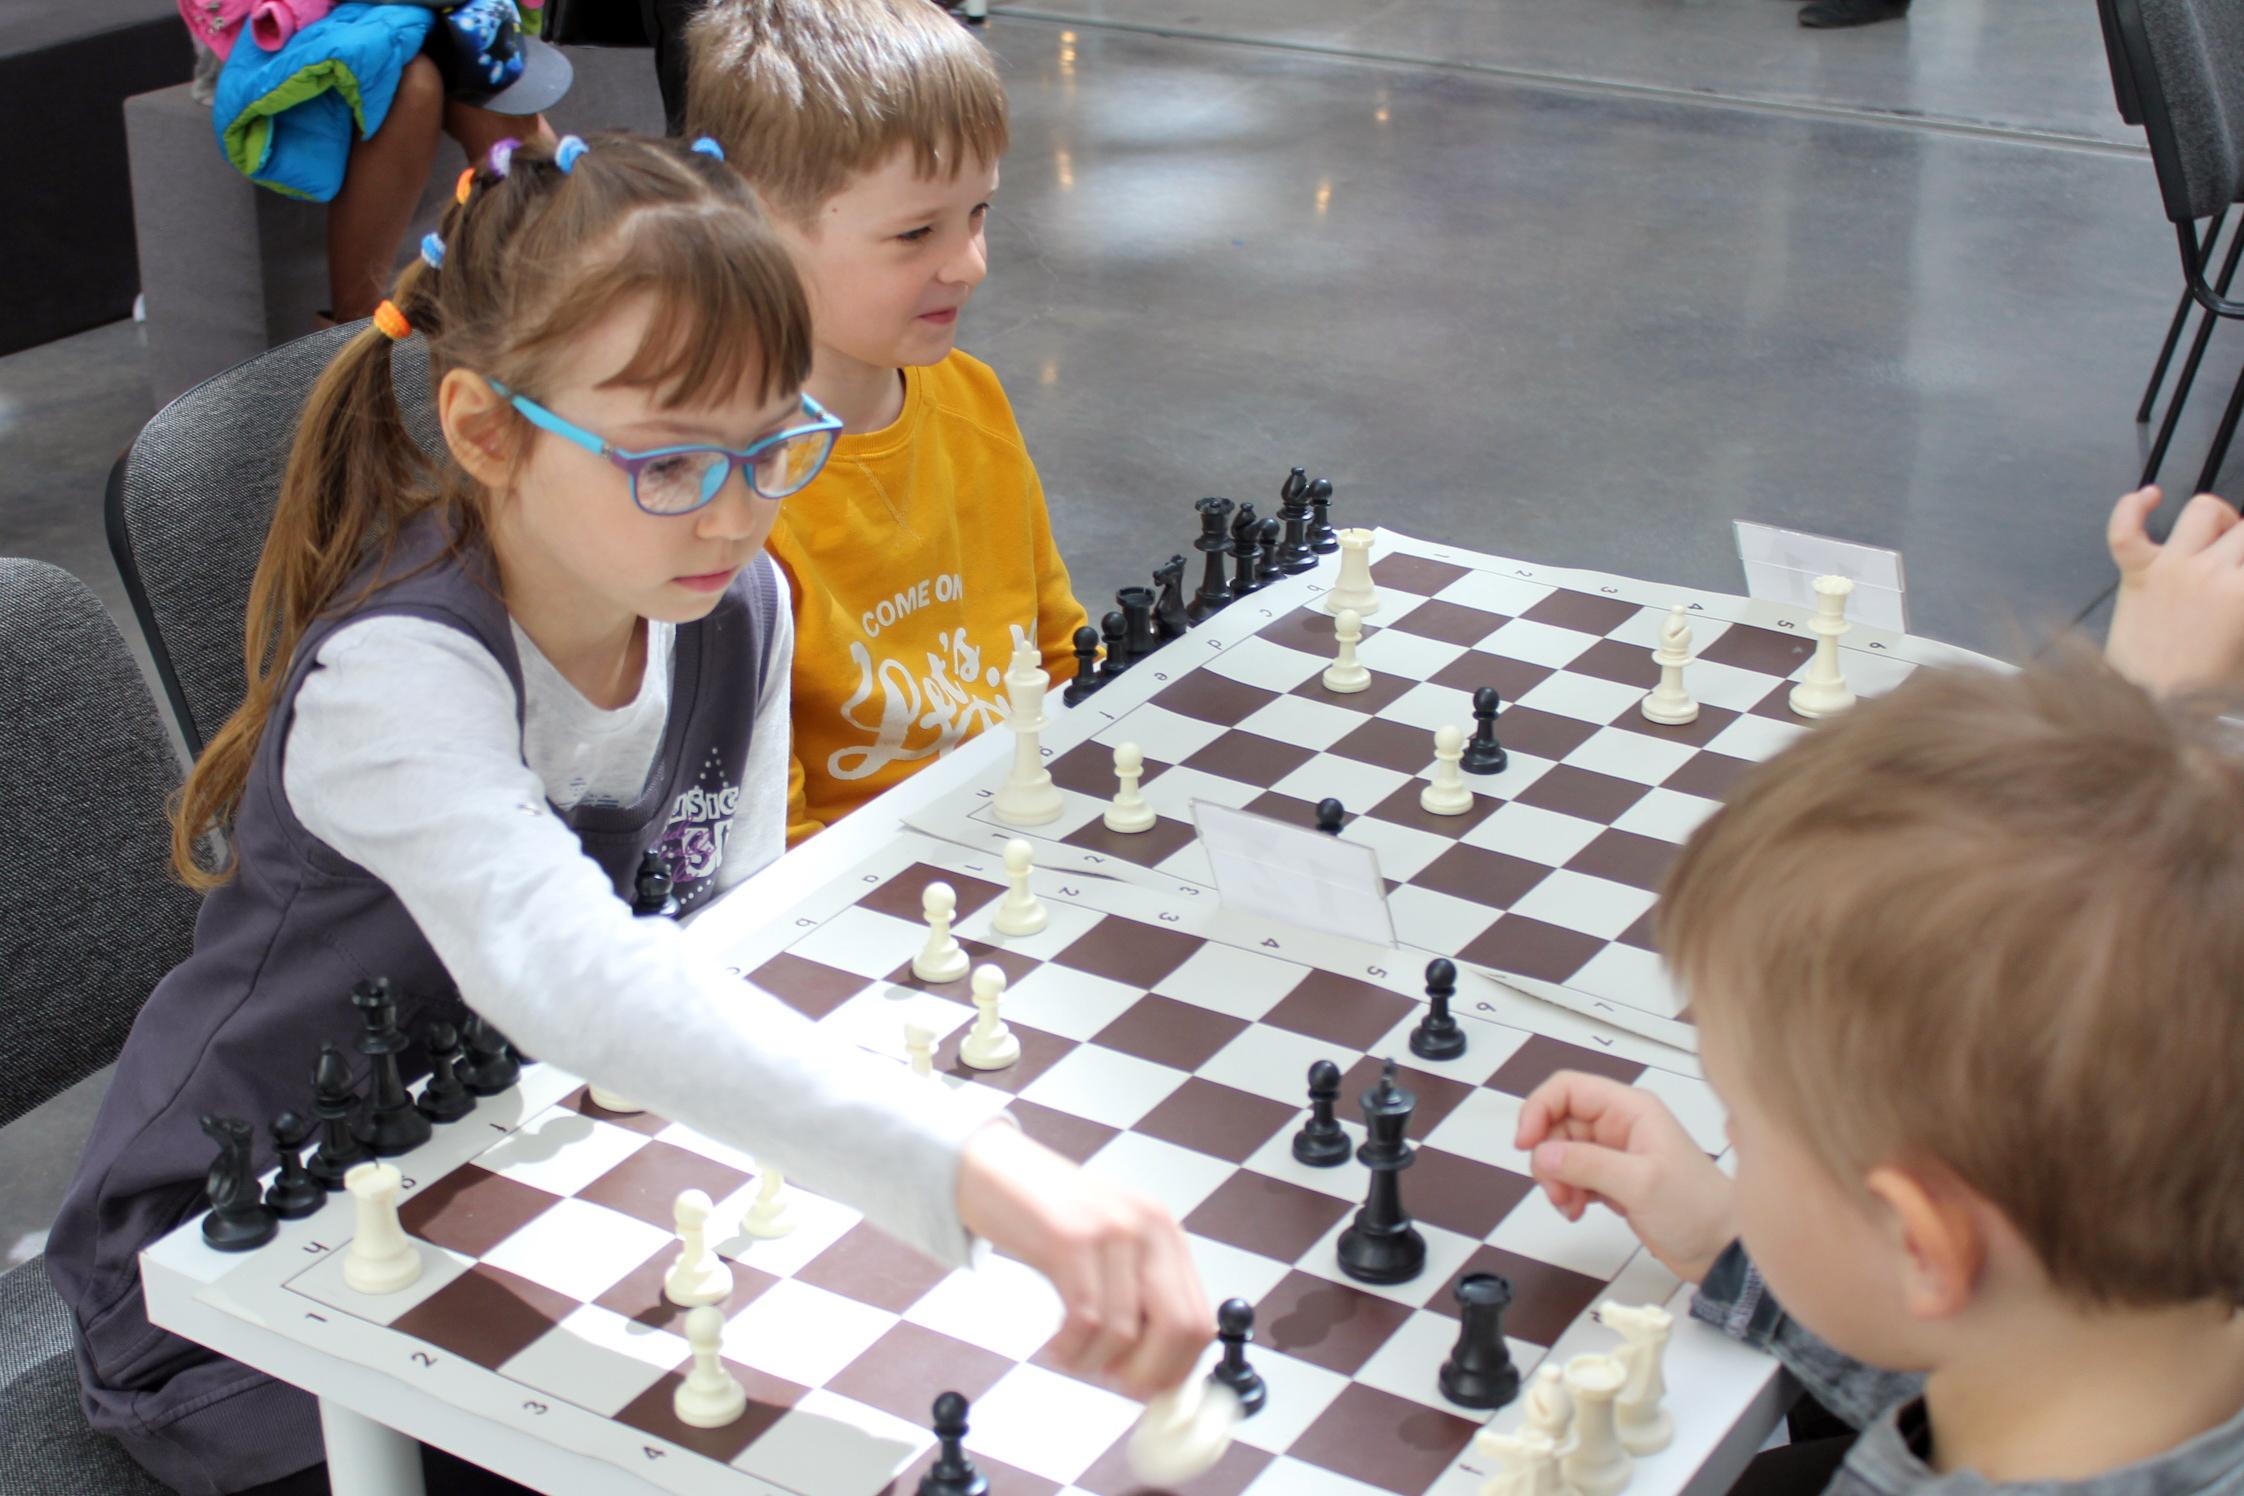 Присоединяйтесь к нам в Кружок шахмат в Екатеринбурге